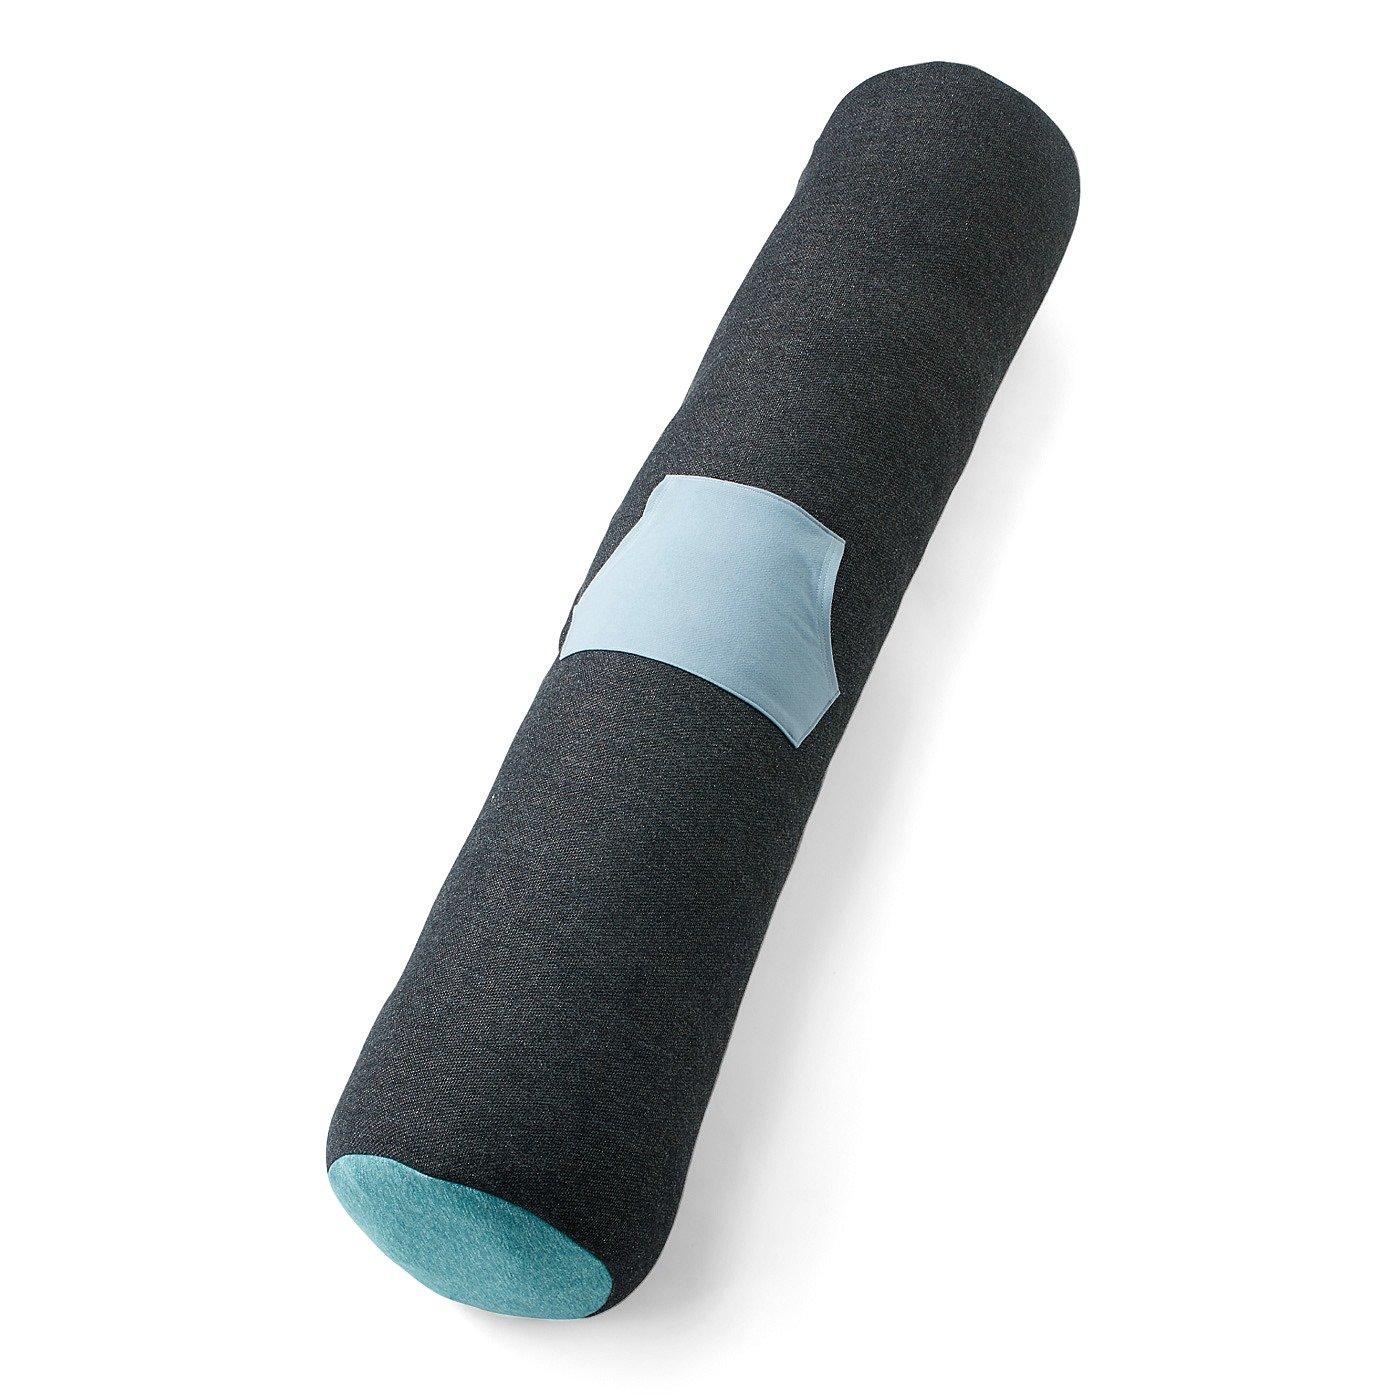 【2個セット初回お試し】古着屋さんで見つけたようなやわらか裏毛の布団収納抱き枕カバーの会